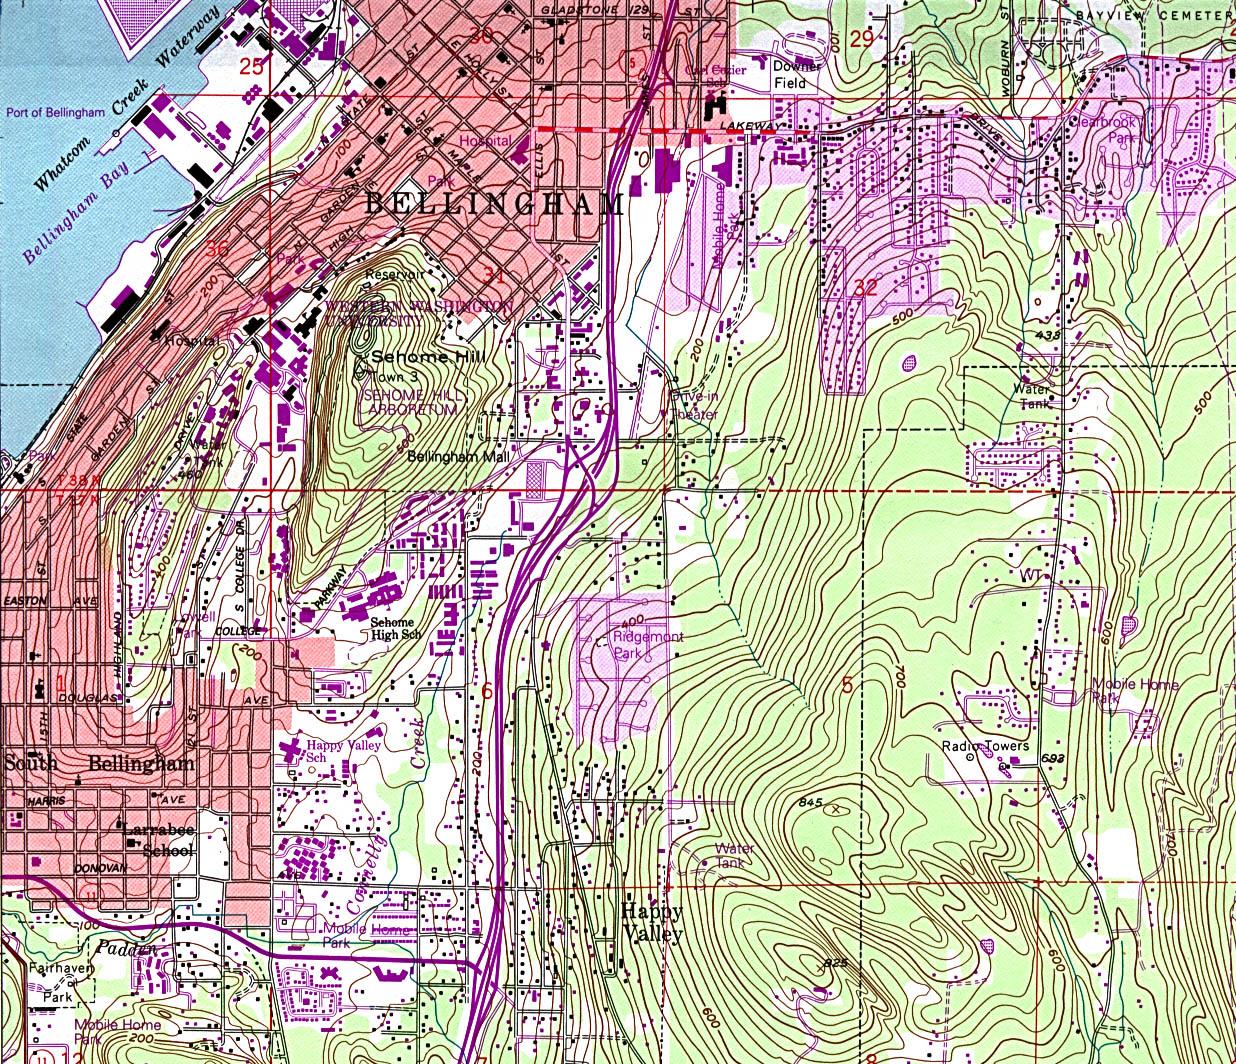 Mapa Topográfico de la Ciudad de Bellingham South, Washington, Estados Unidos